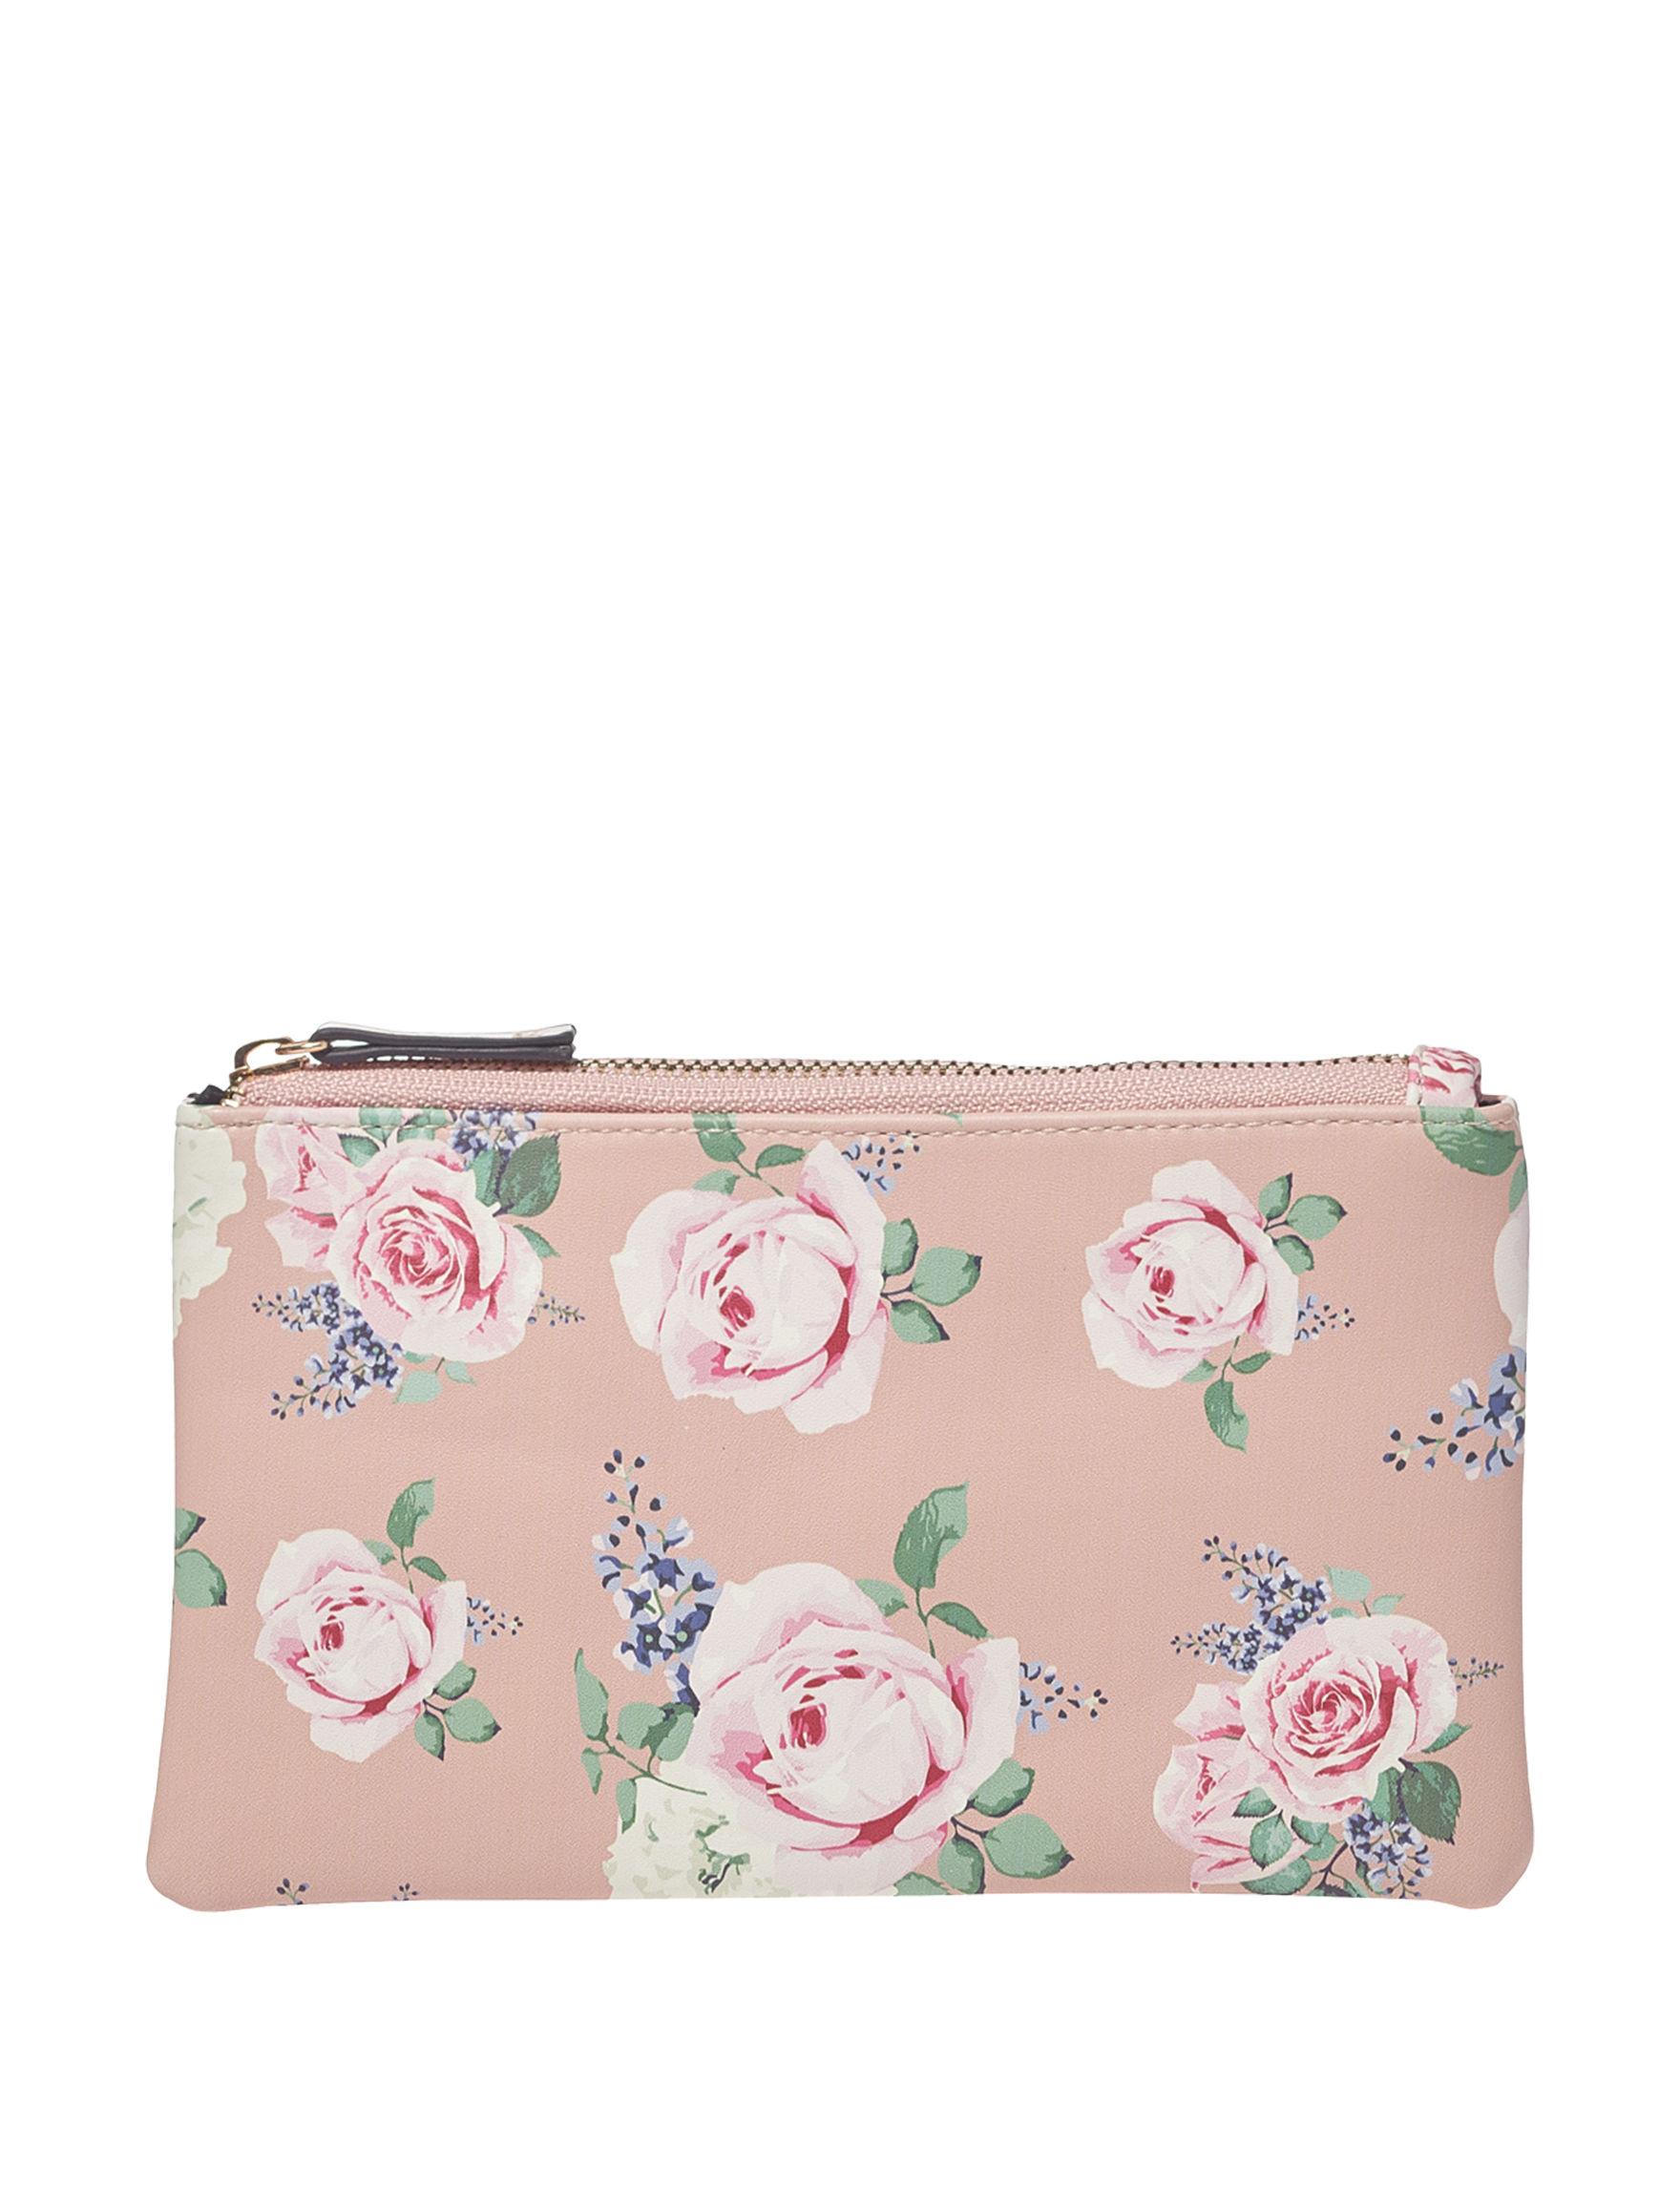 AHQ Blush Floral